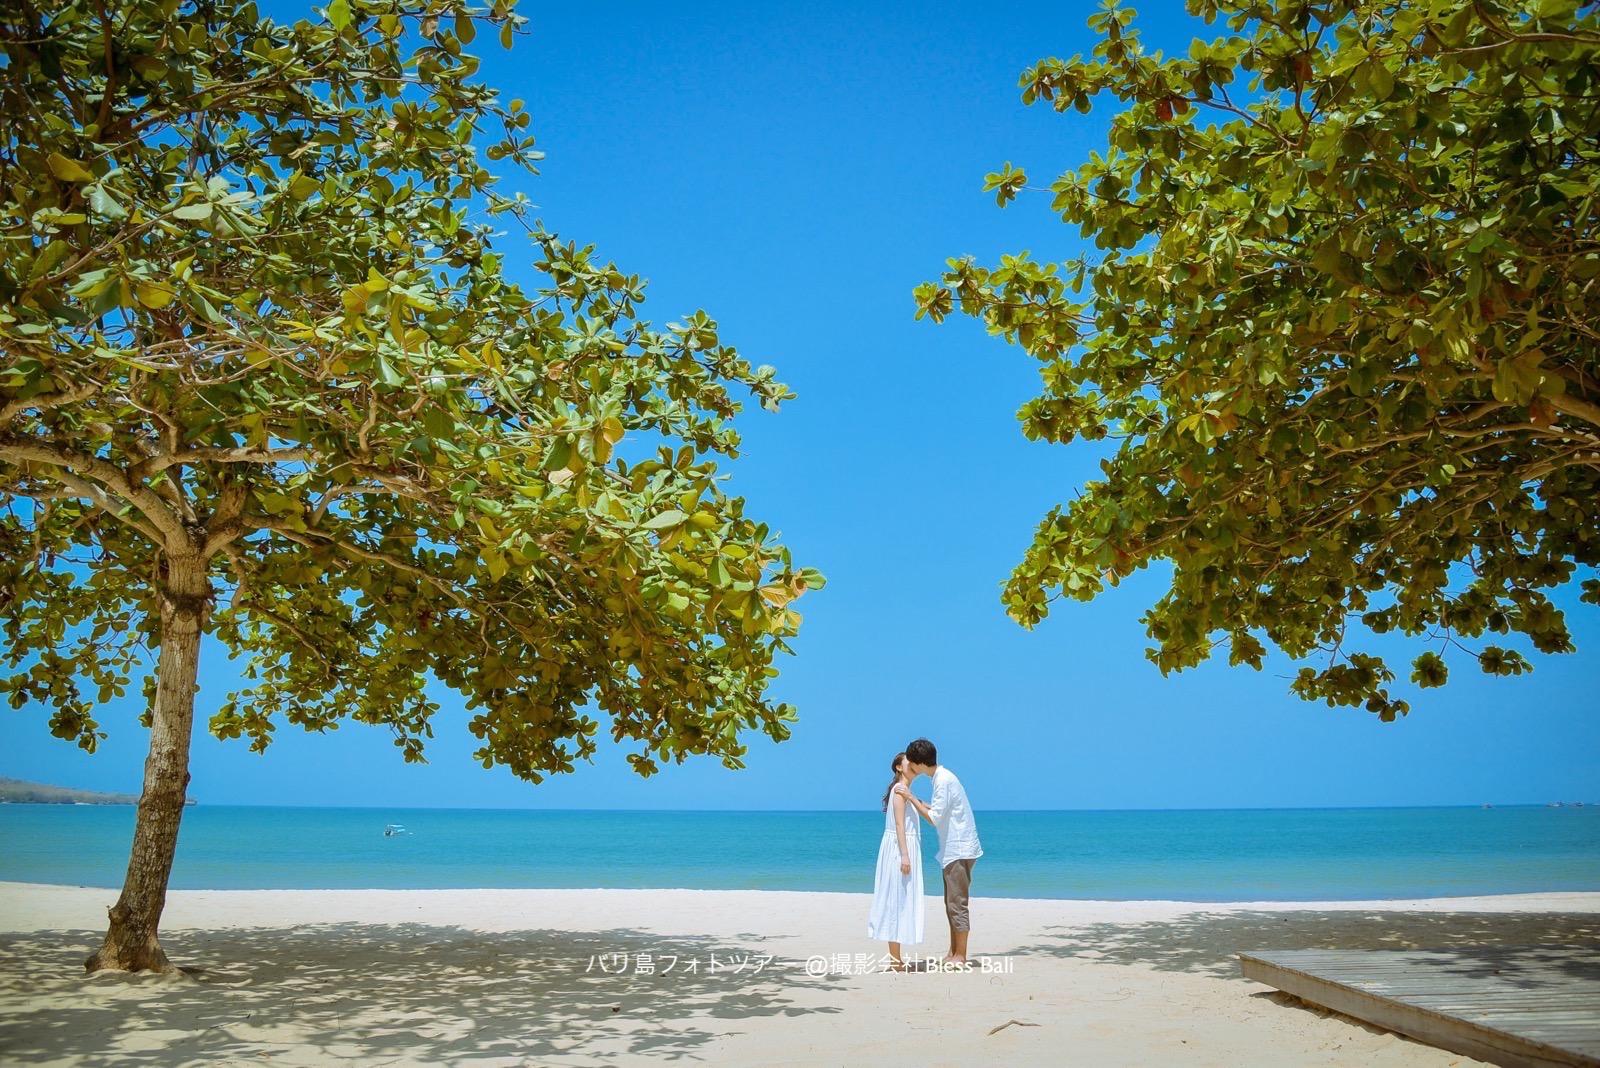 ジンバランの真っ青な海と水平線をバックに